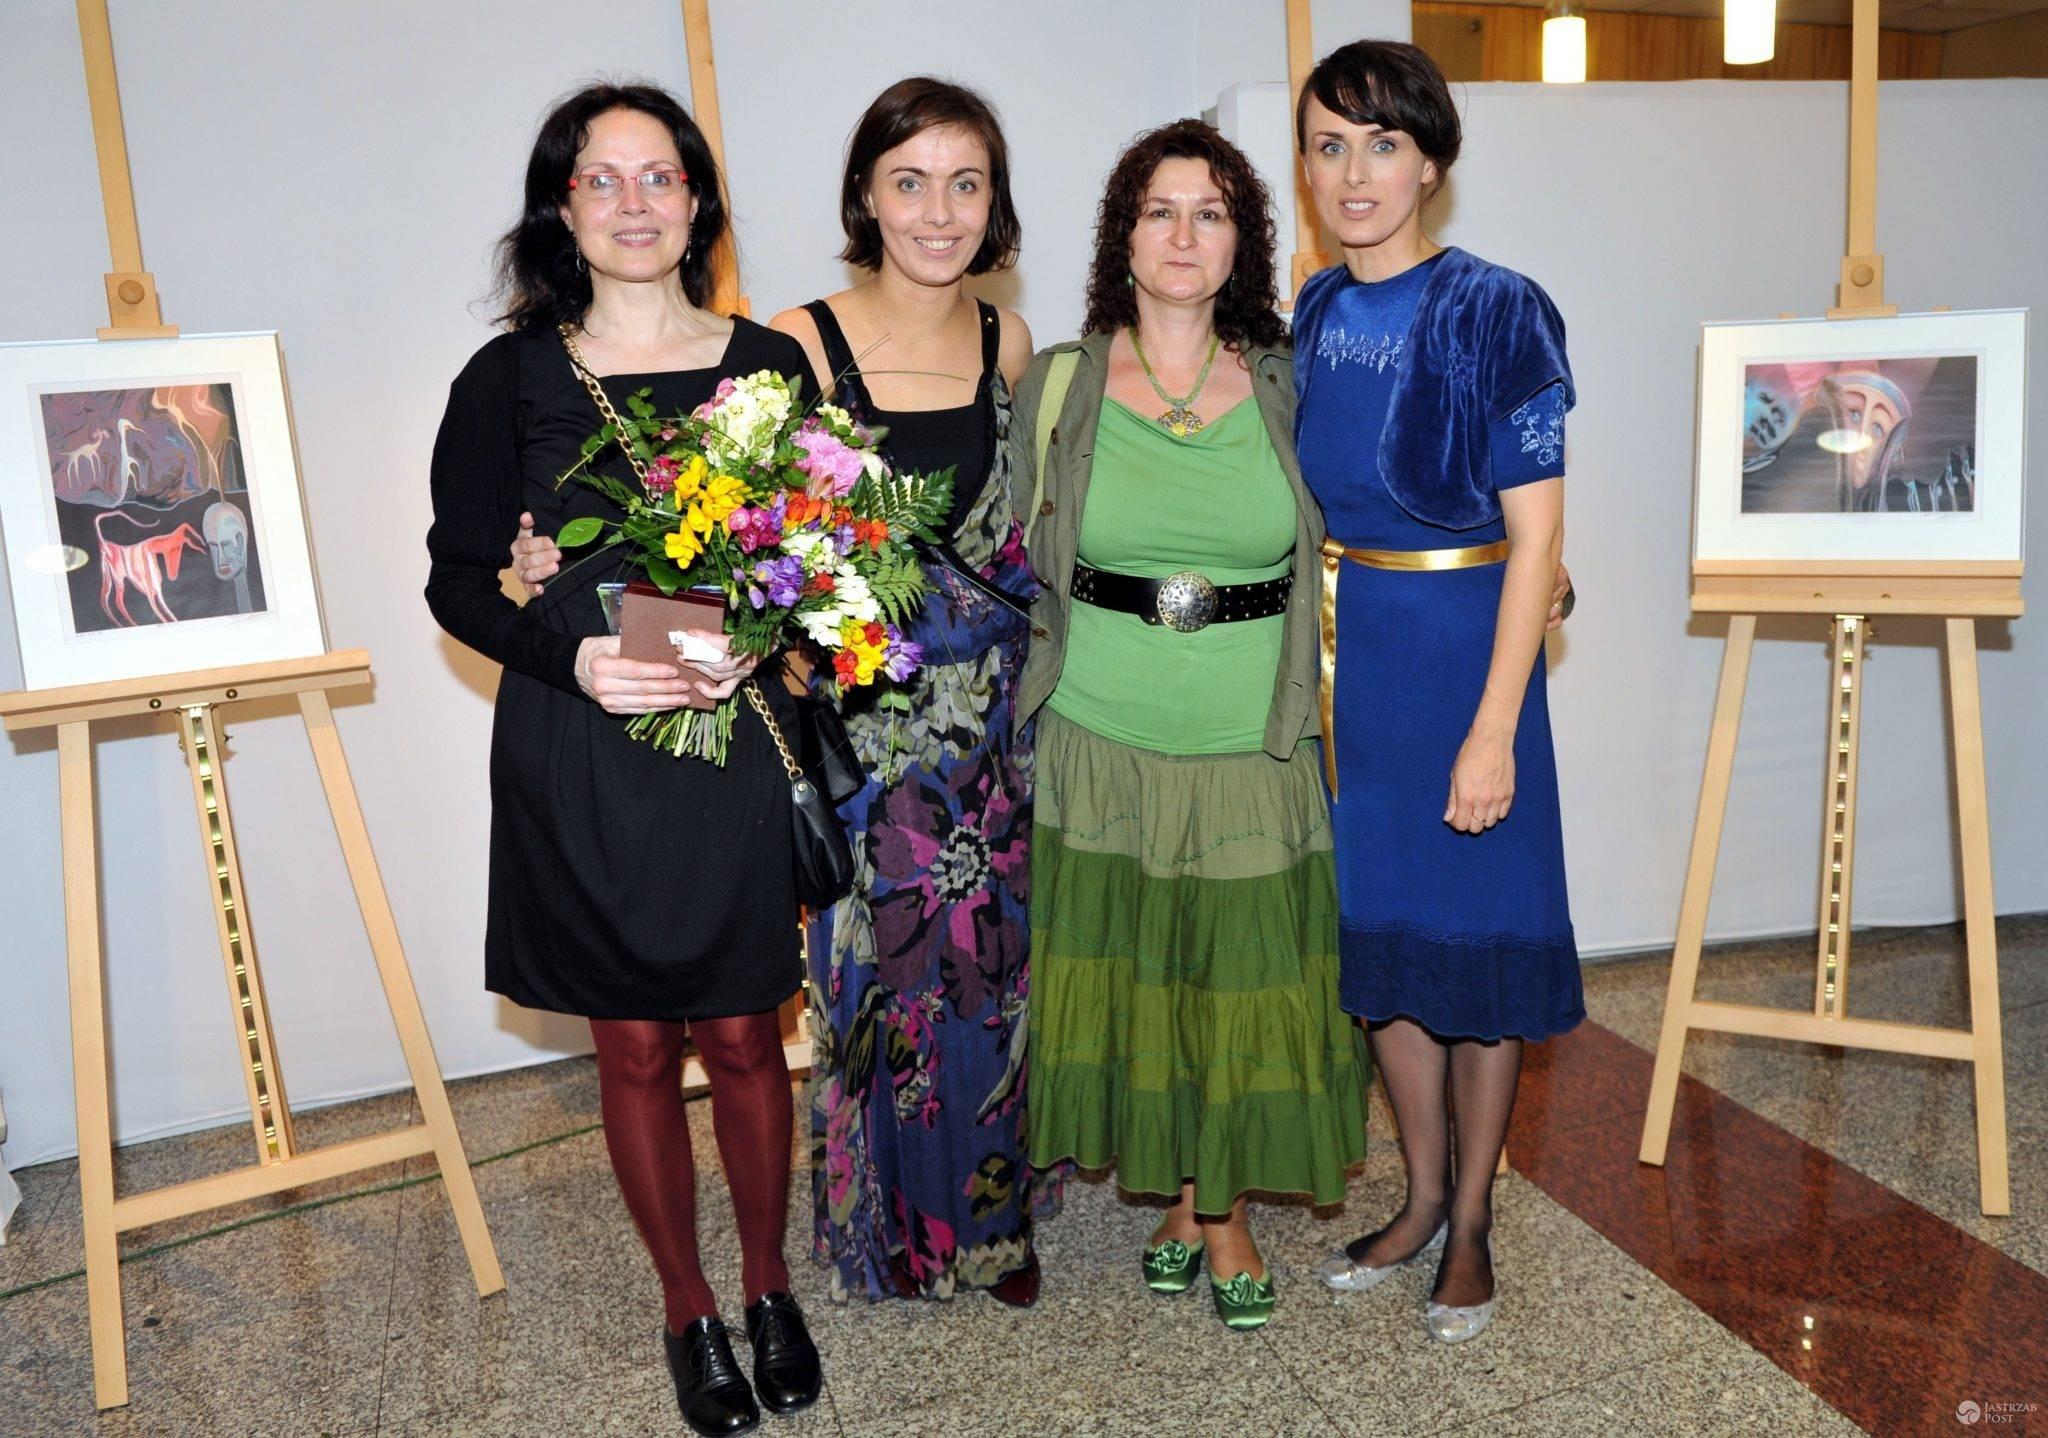 Małgorzata Niemen, Eleonora Niemen, Maria Gutowska i Natalia Niemen